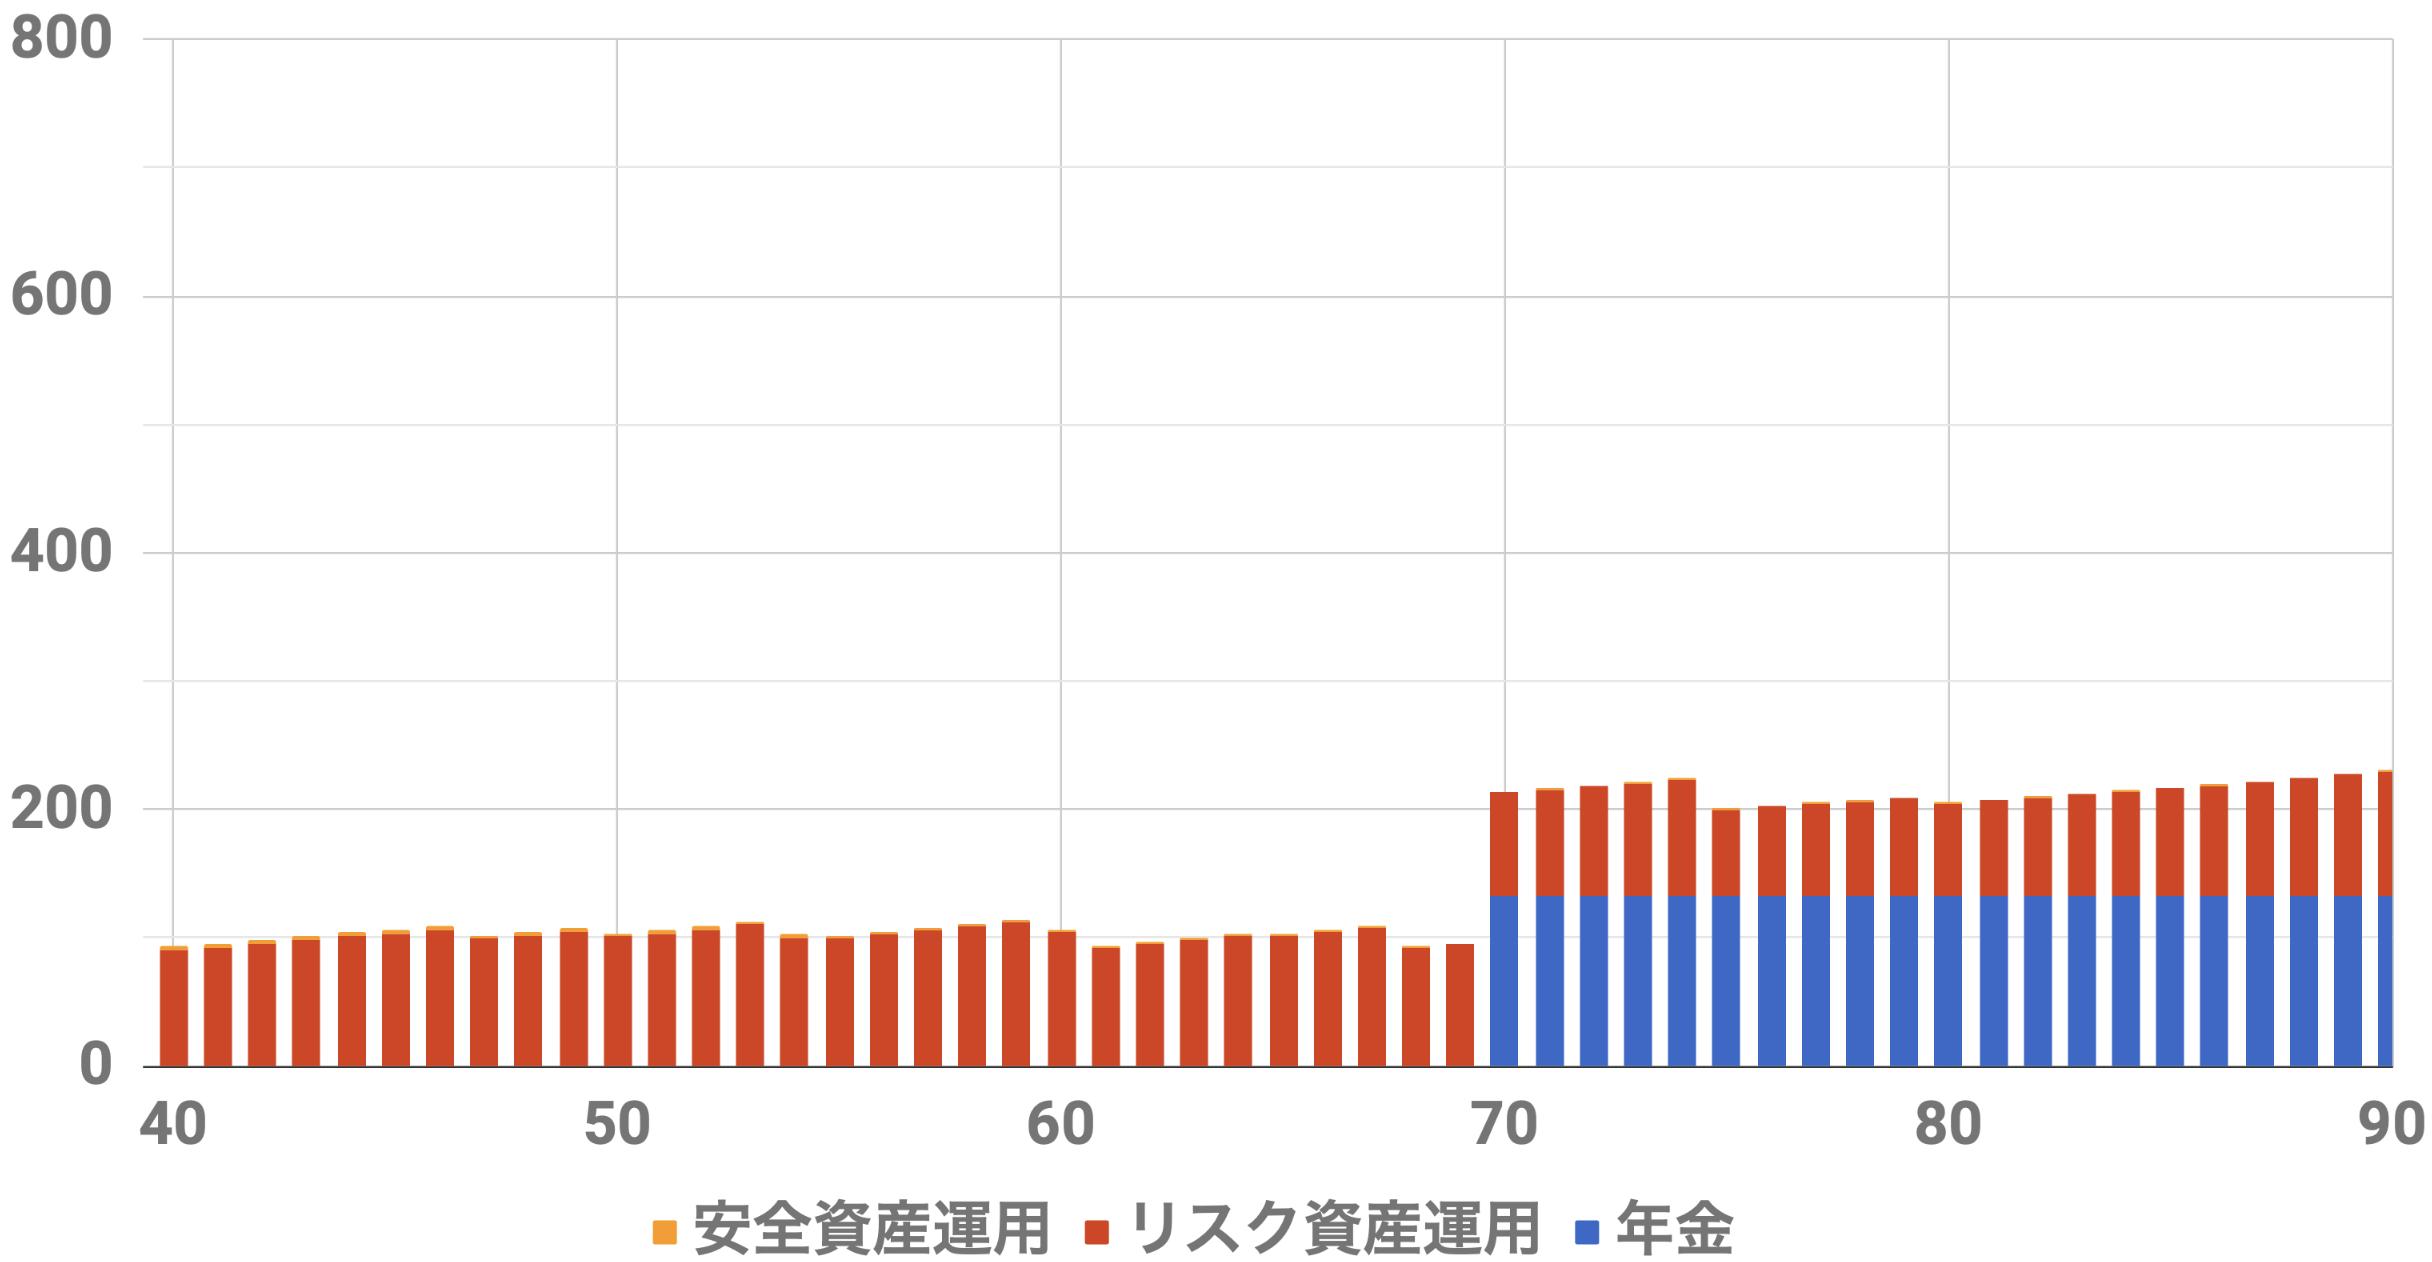 40歳9000万円収入シミュレーション(Level4)インフレ率0%利率3%連続増配率3%リスク資金3000万